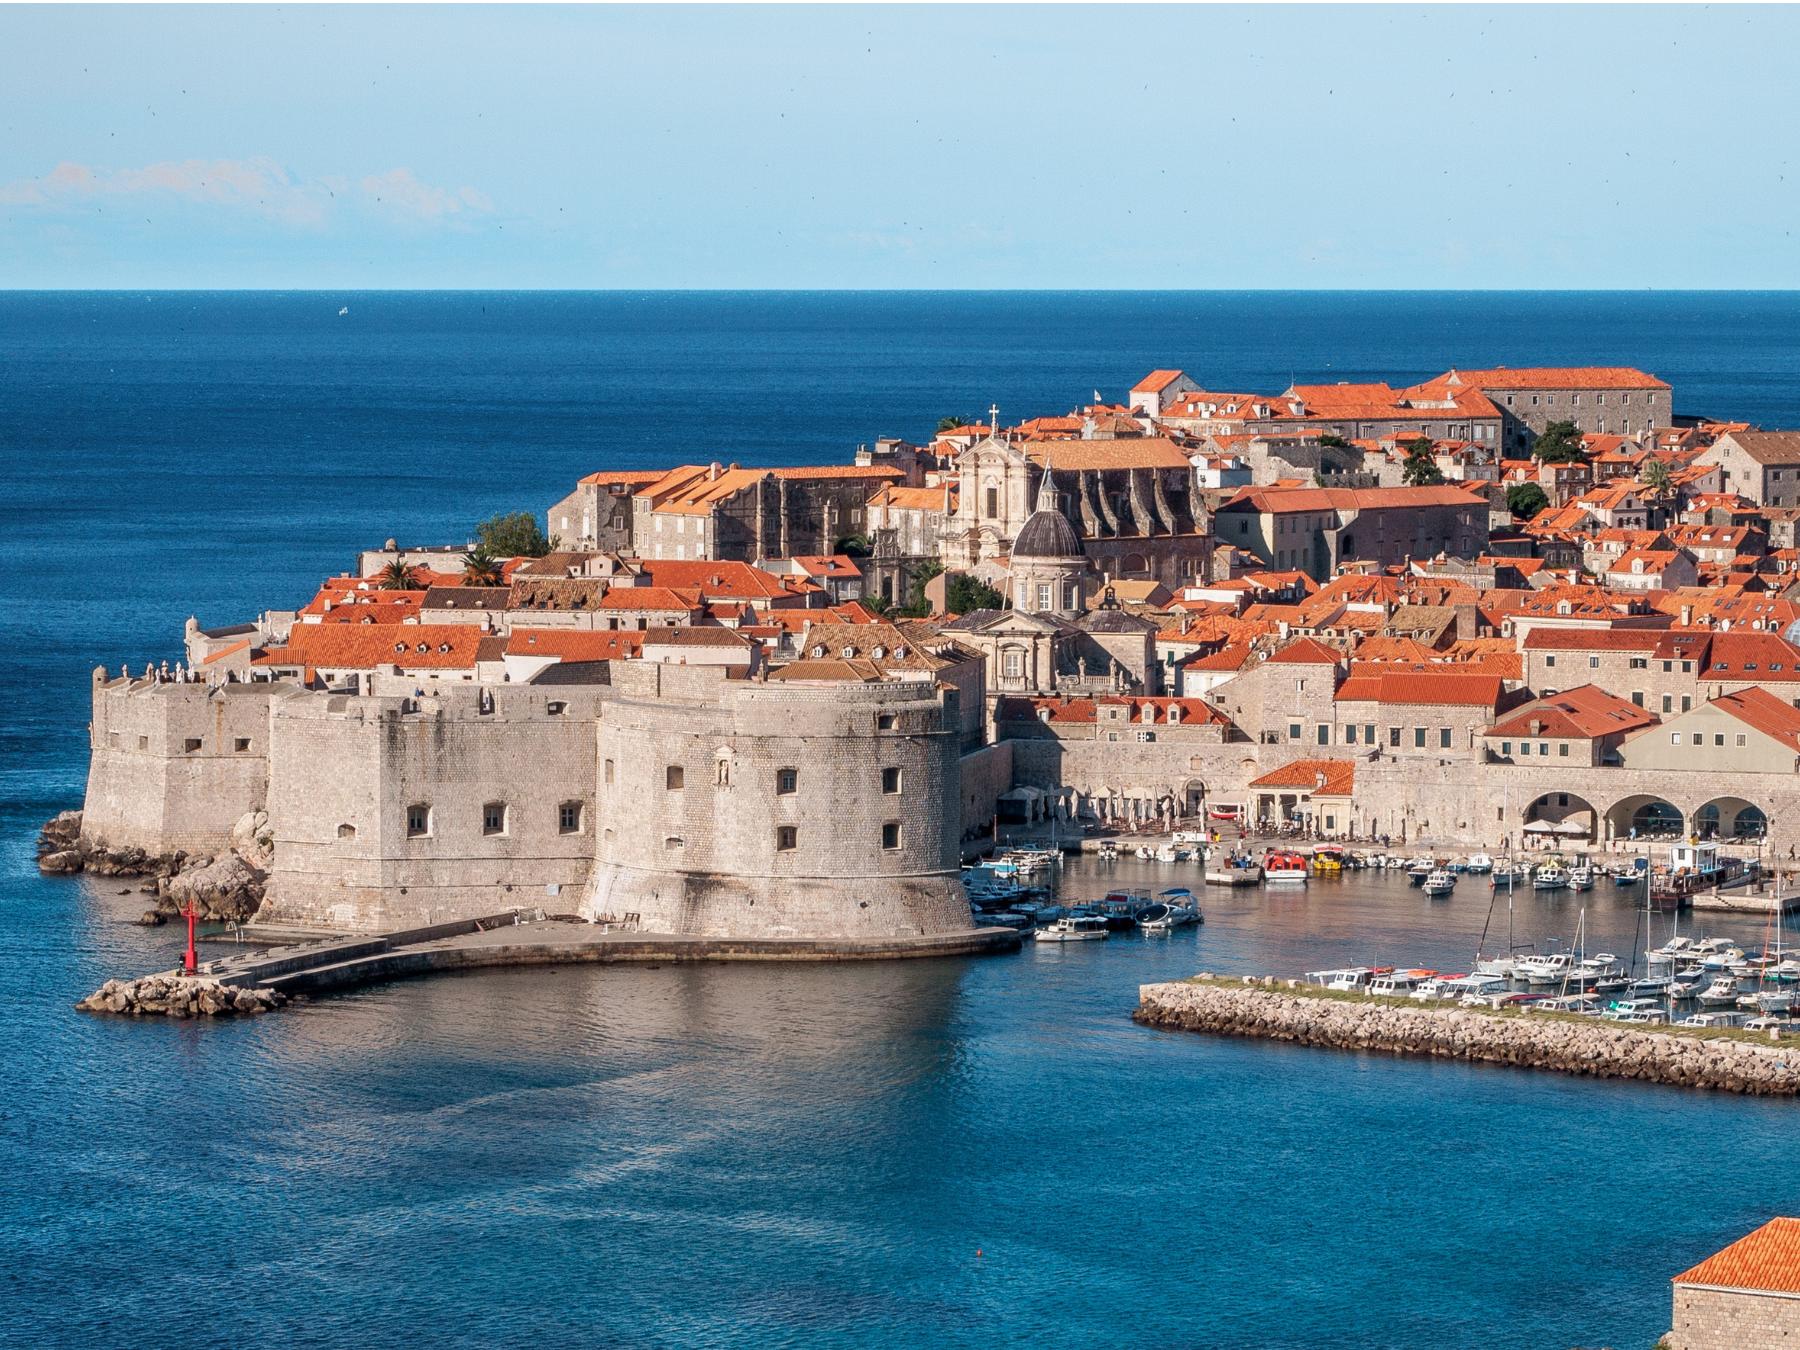 15-melhores-lugares-para-viajar-esse-ano-2019-croácia 15 melhores lugares para viajar esse ano 2019 (melhor custo)